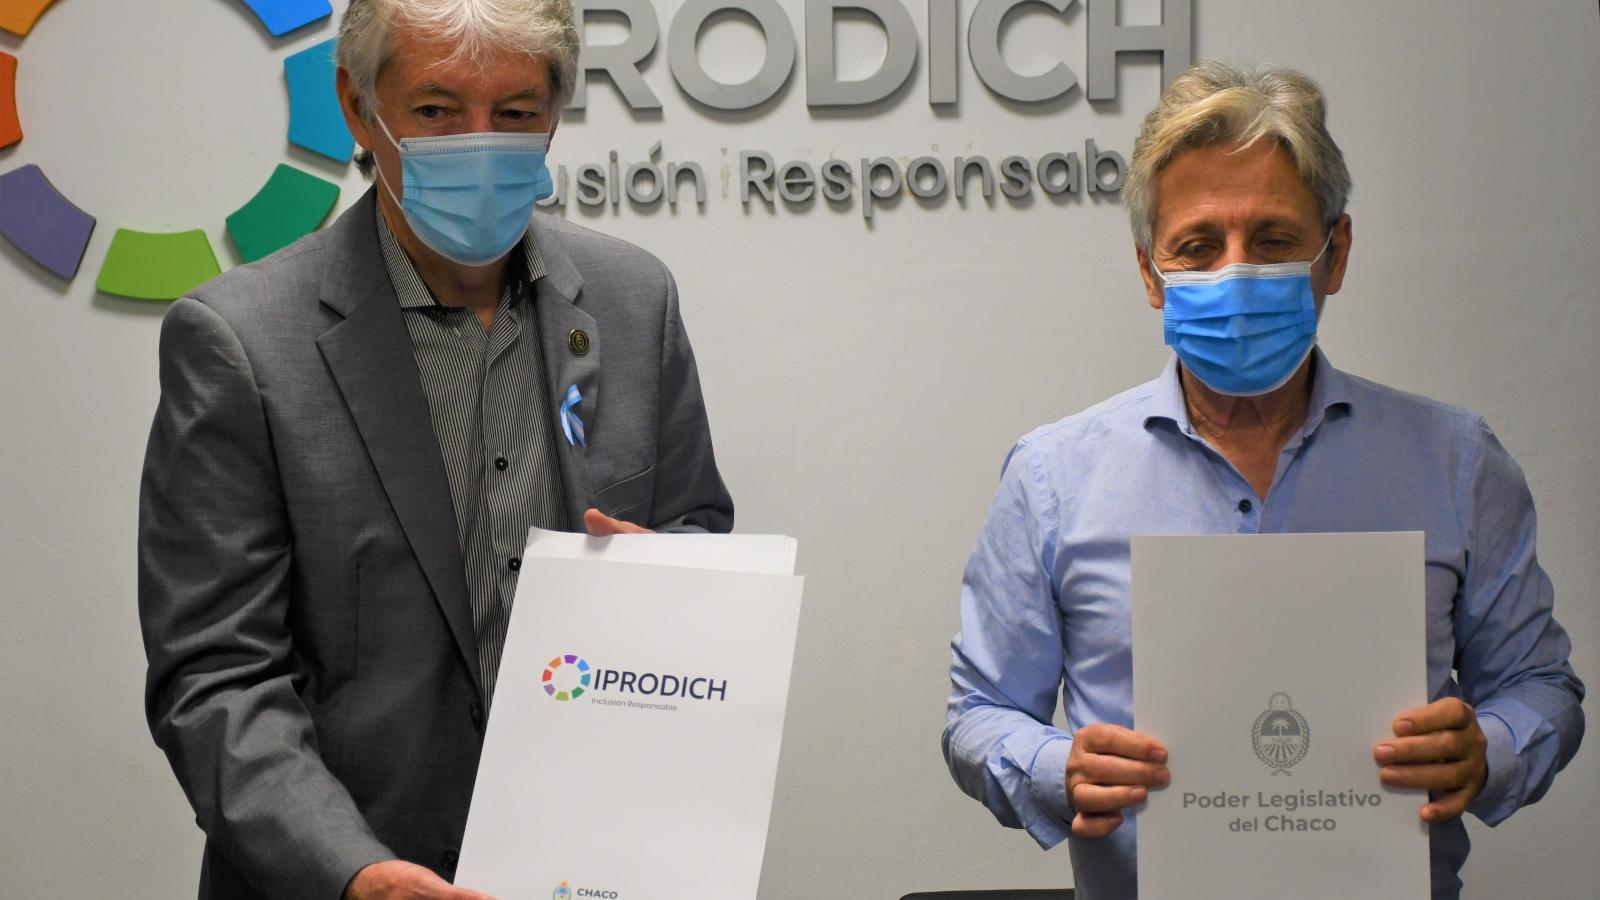 Sager y Lorenzo muestran el convenio firmado entre IPRODICH y el Poder Legislativo del Chaco